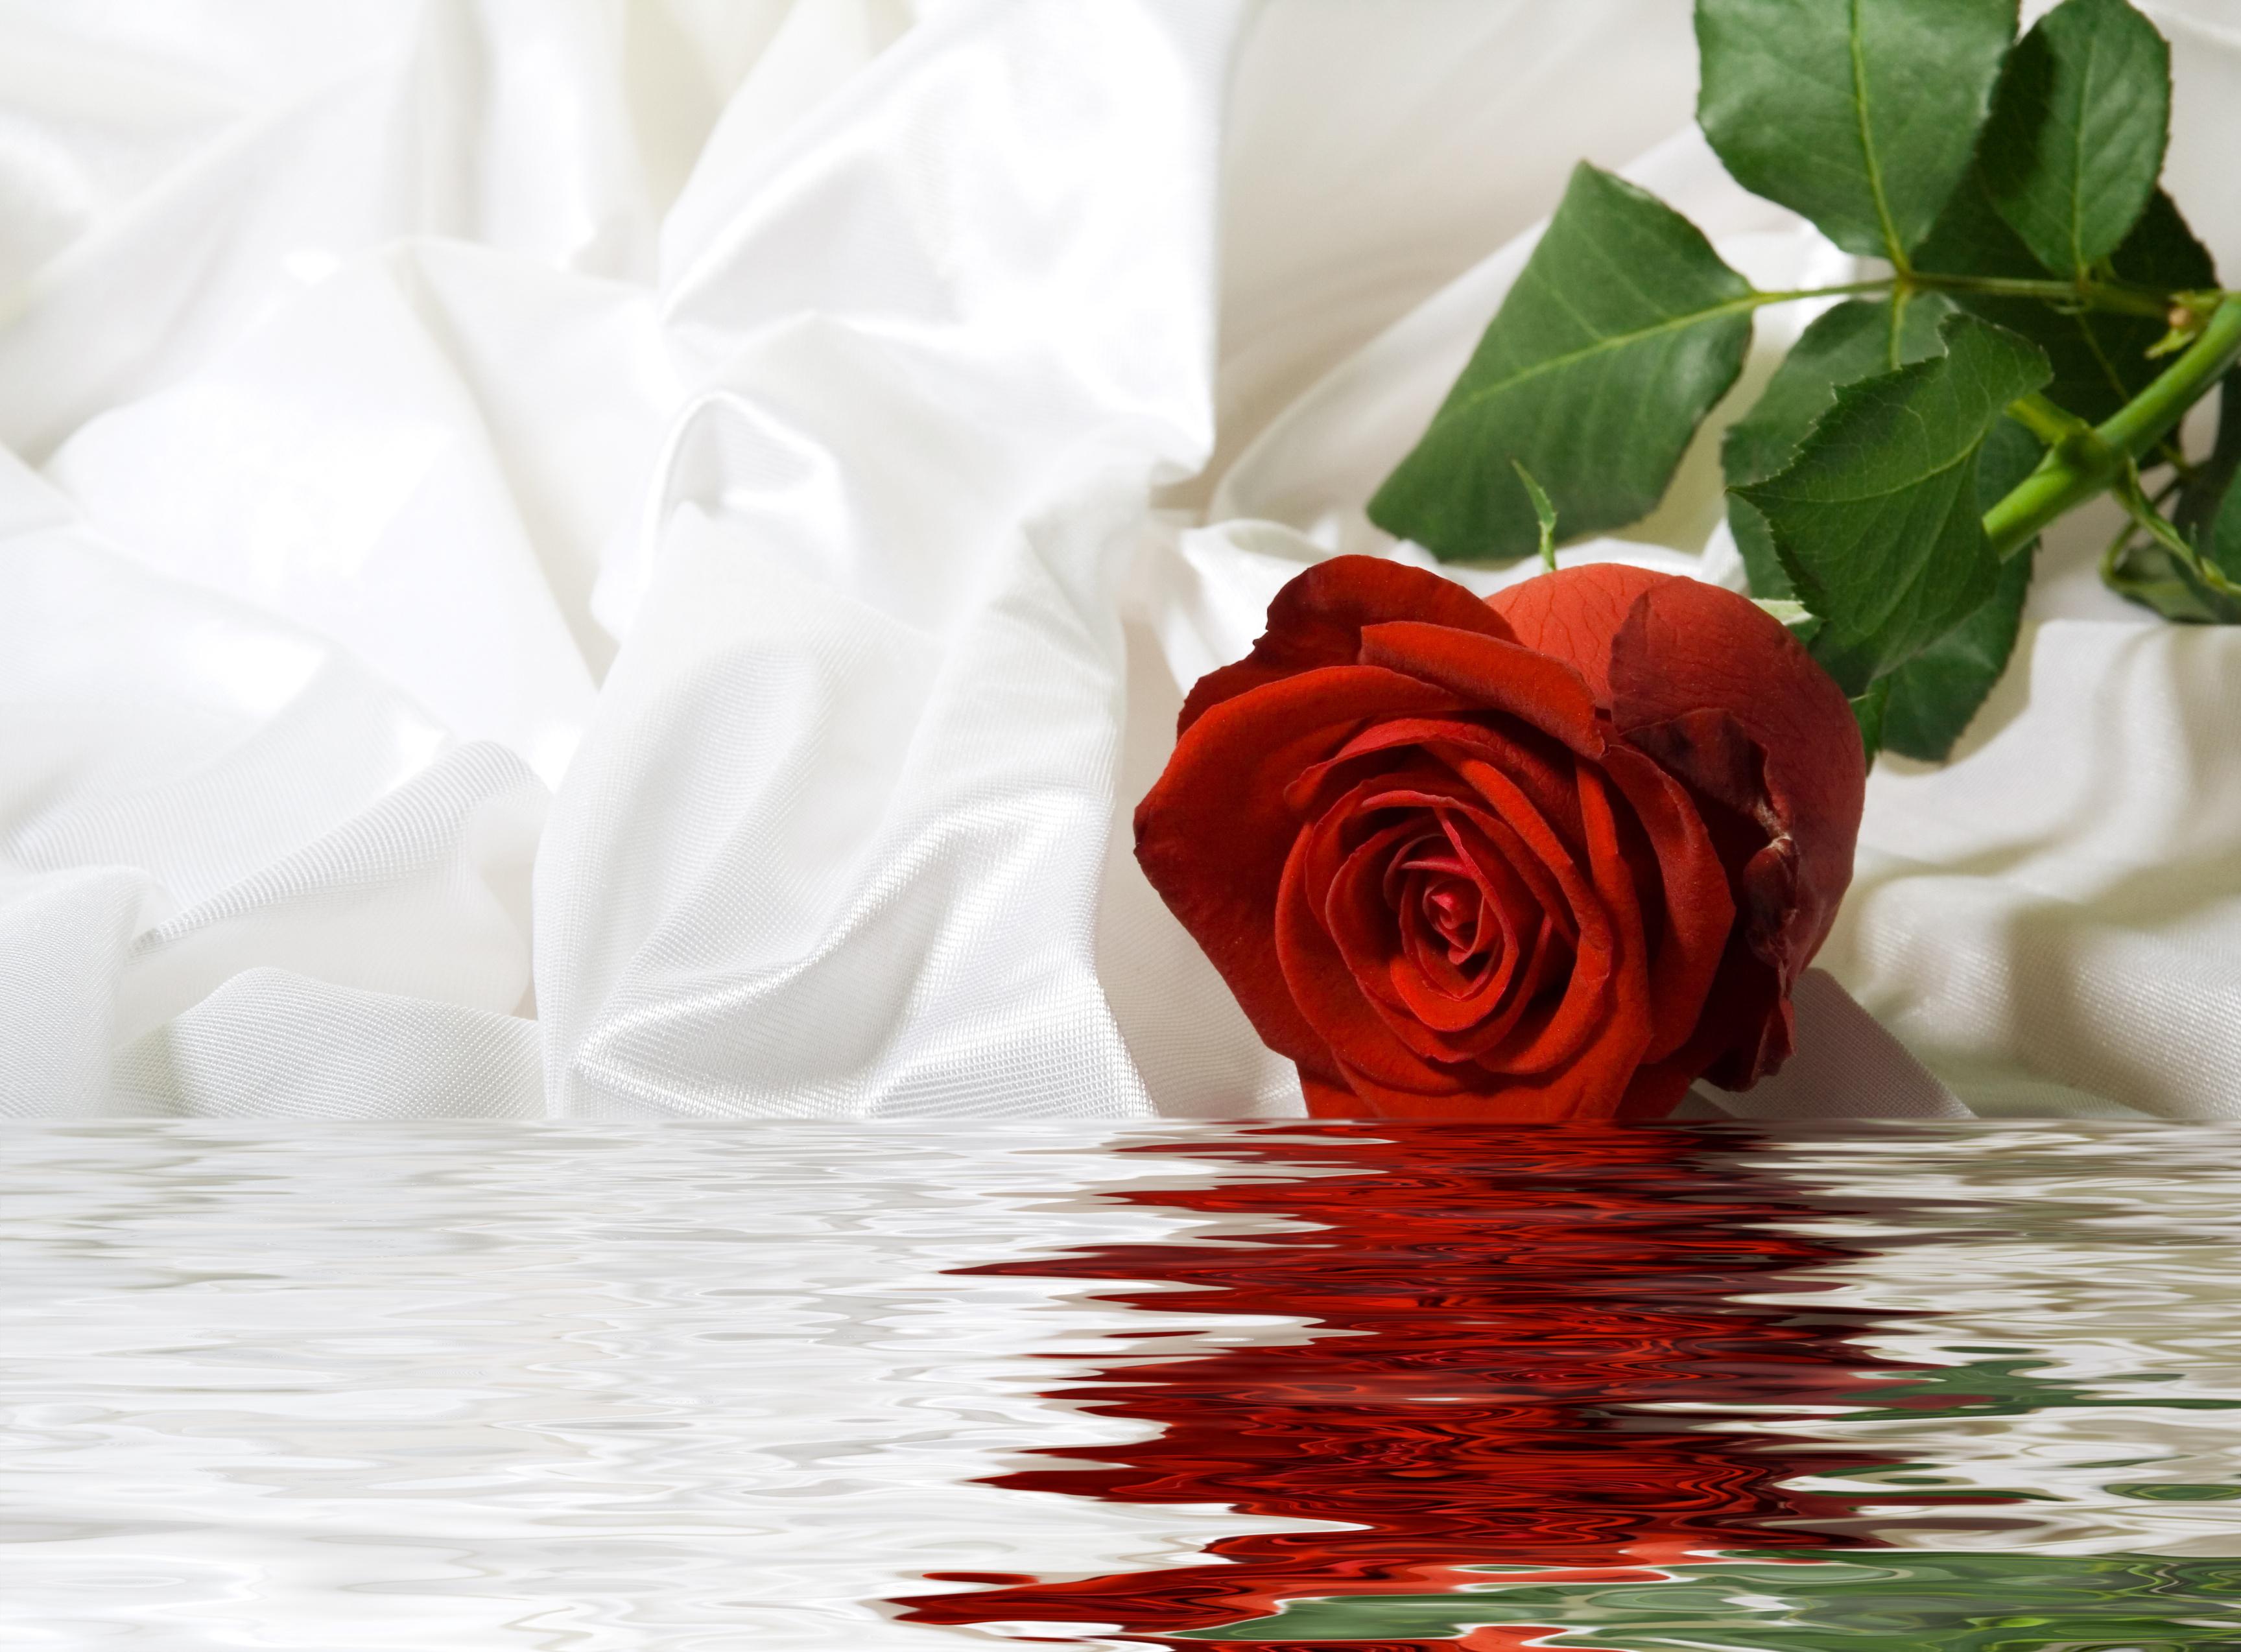 также фото красная белая роза на воде что причины возникновения